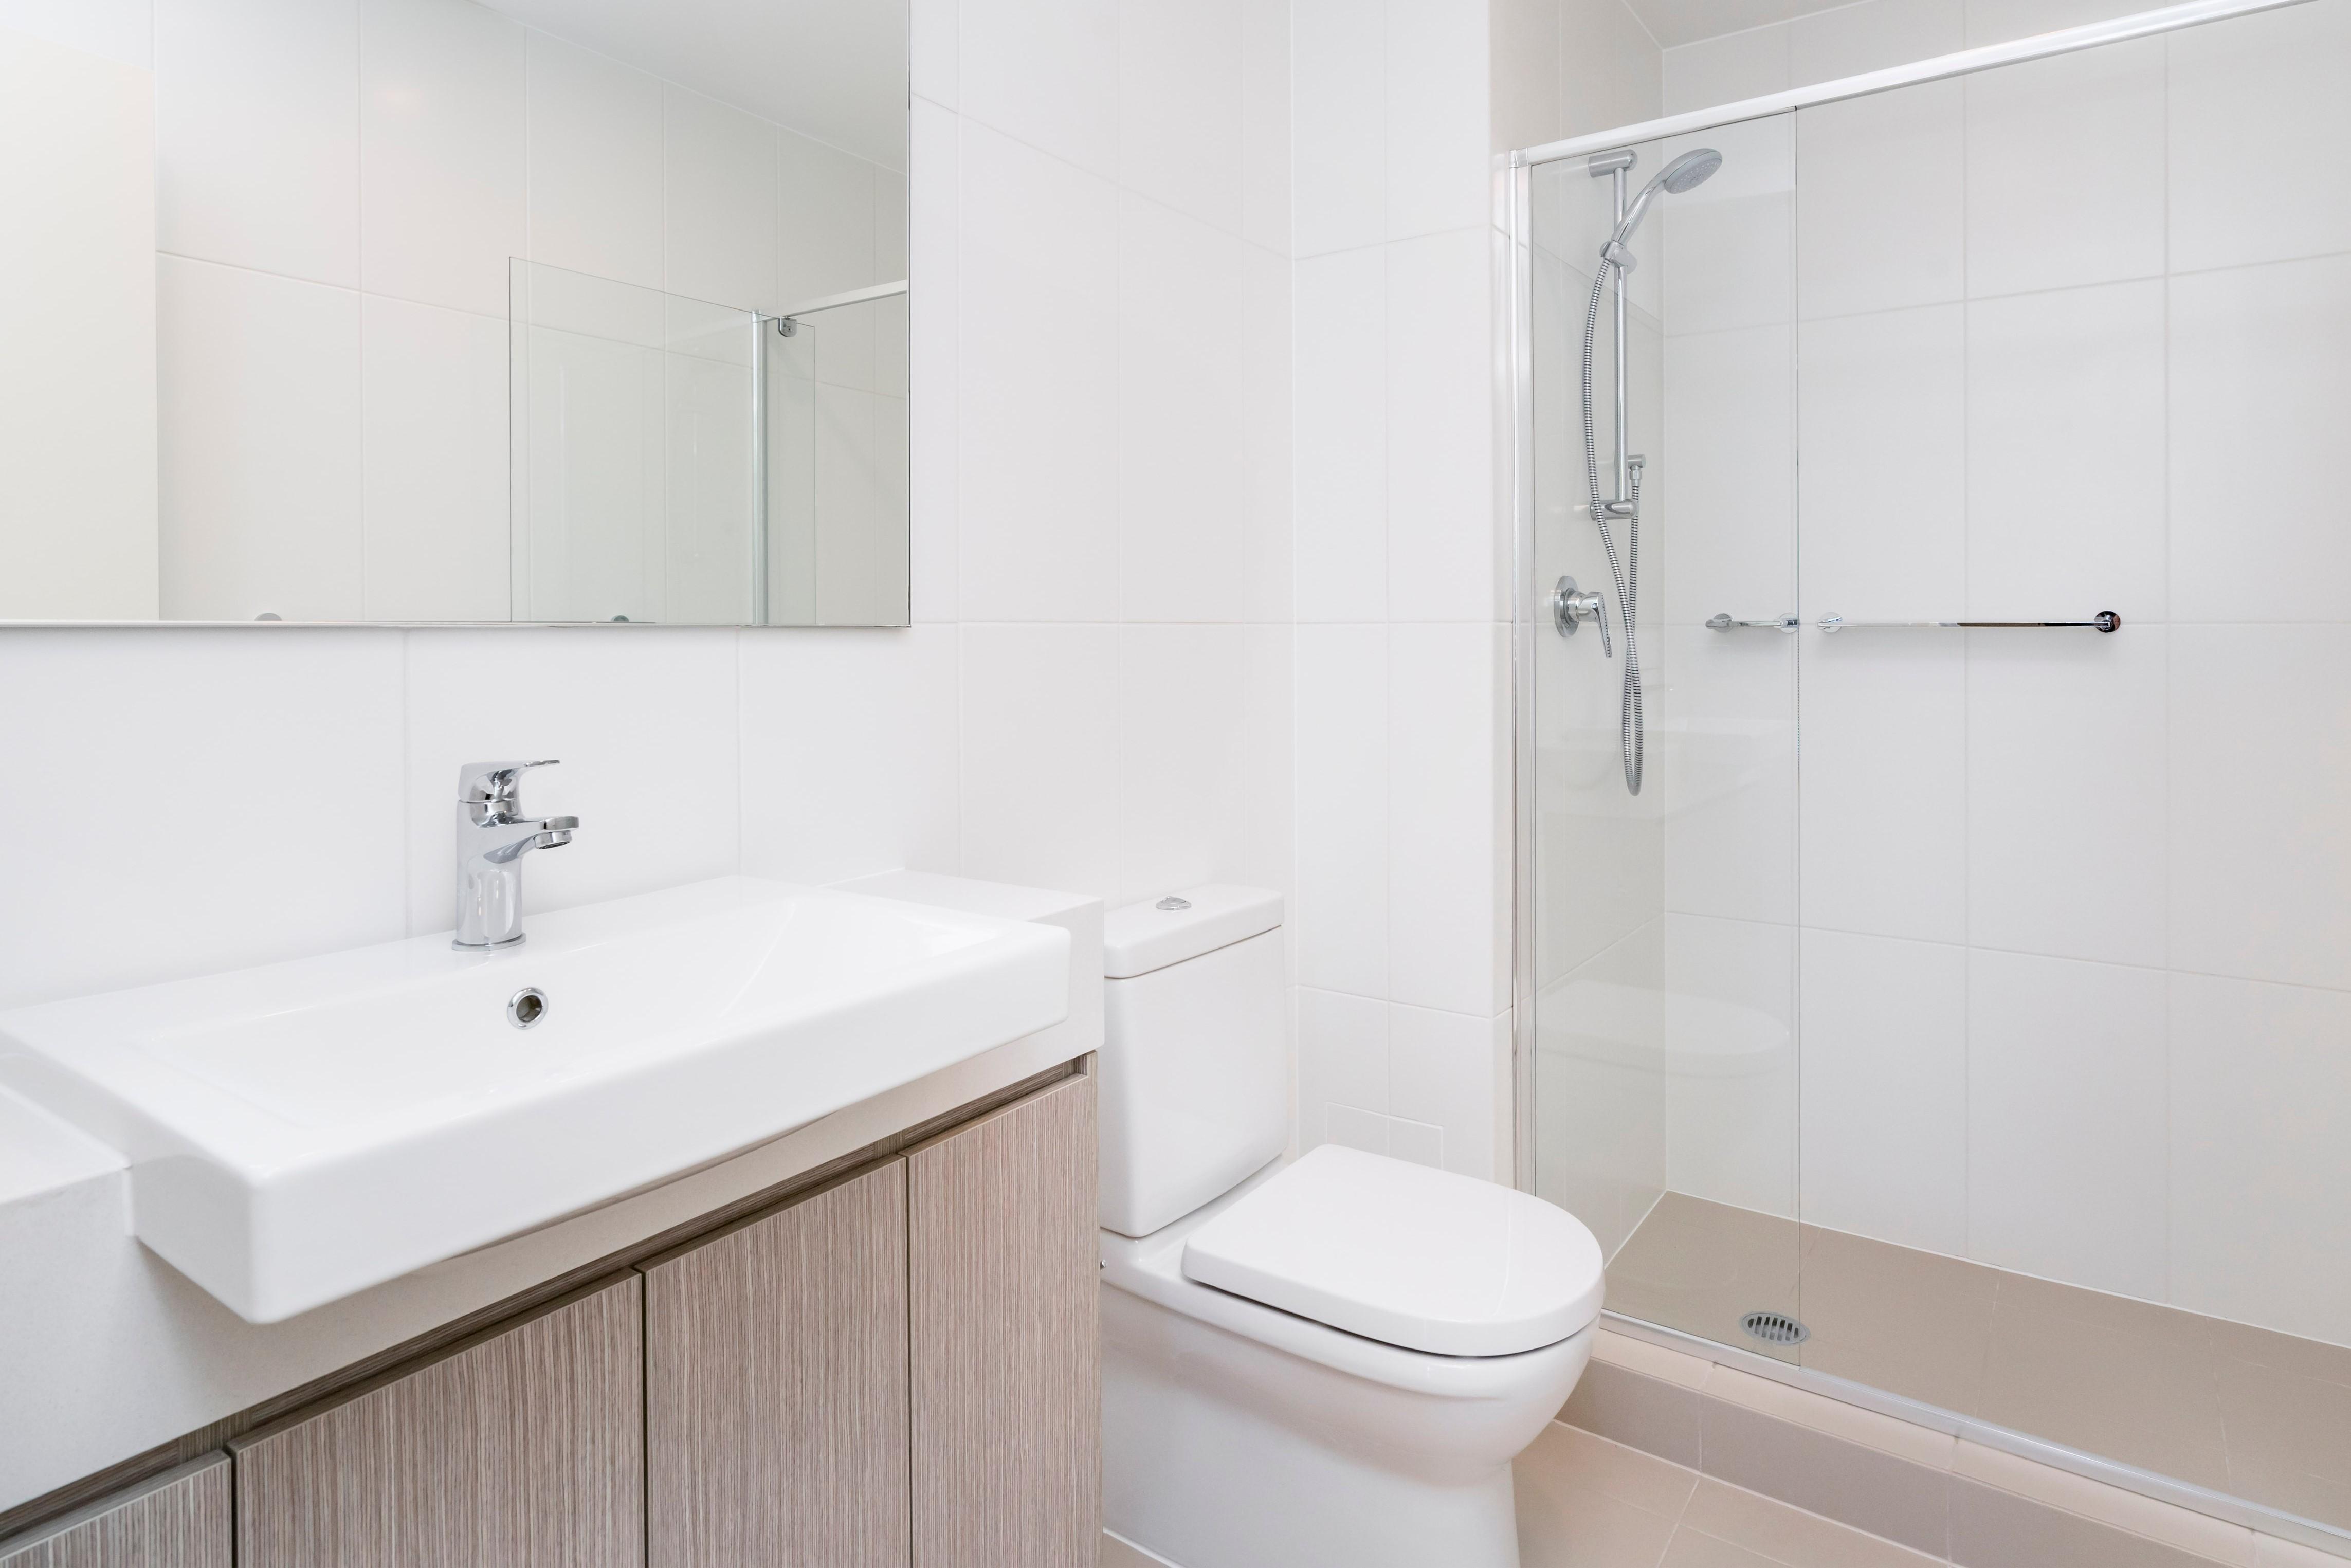 Hele Kleine Badkamer : Zo laat je een kleine badkamer groter lijken bouwsuper